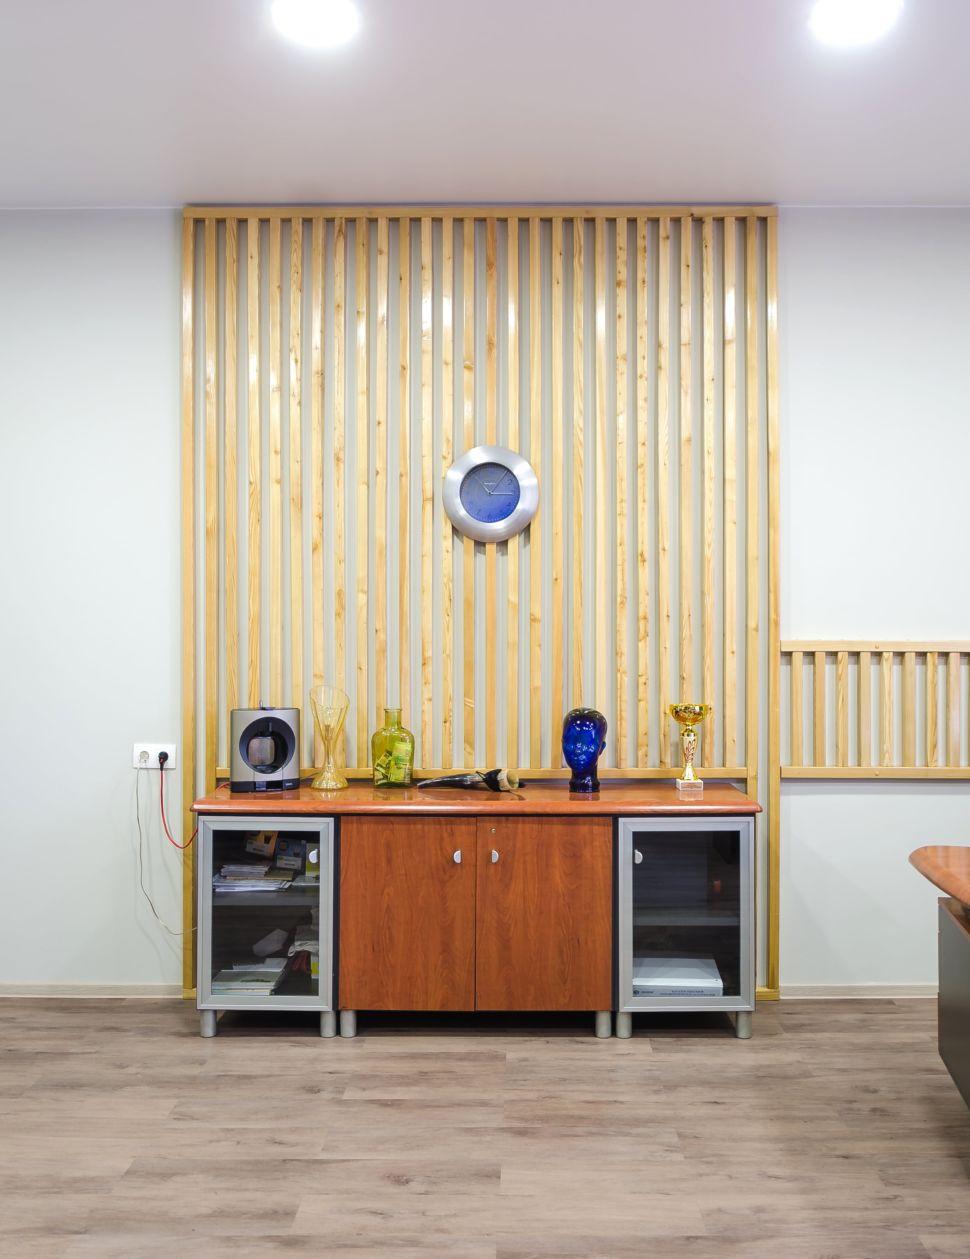 Интерьер офиса 32 кв.м , комод, декоративные деревянные рейки, часы, декор, пвх плитка